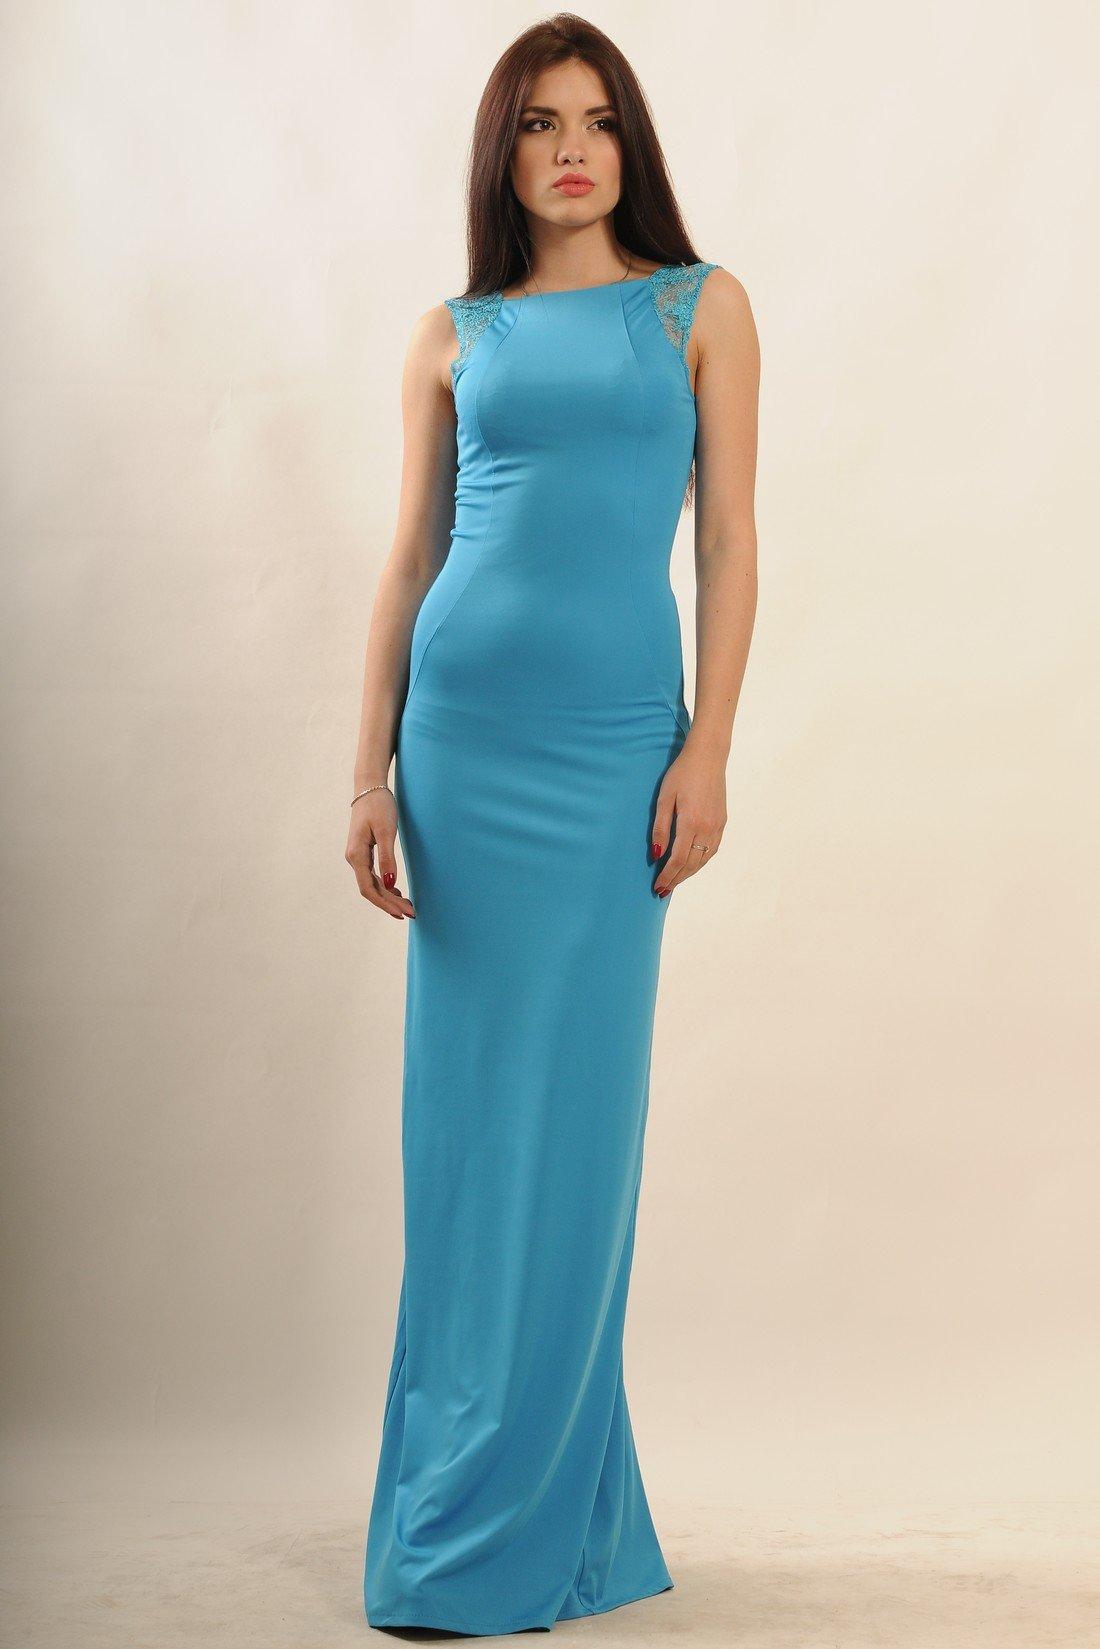 a21d00b0453 Элегантное голубое вечернее платье в пол Венеция - купить недорого ...